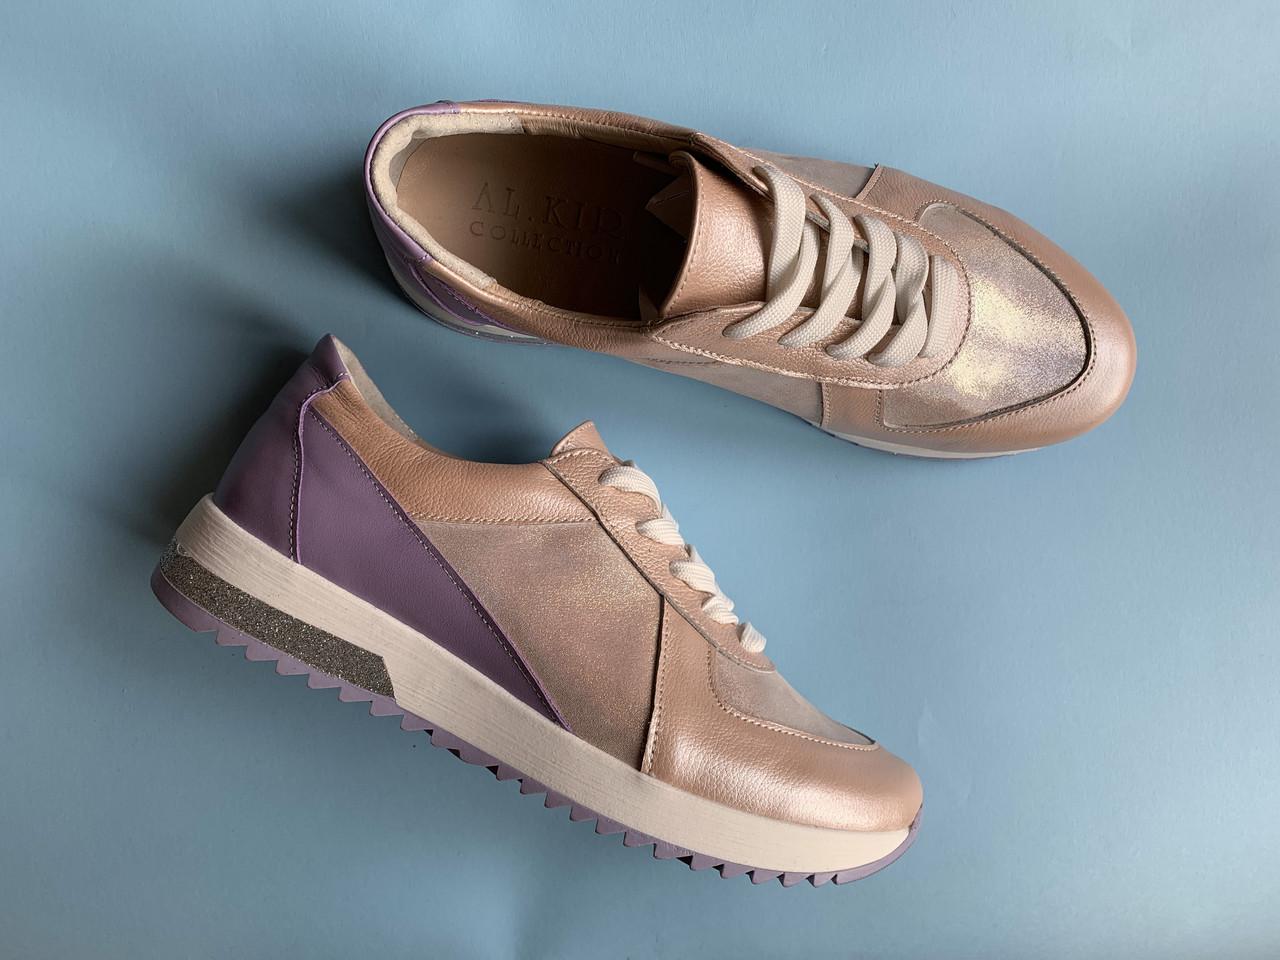 Кроссовки №471-16 пудра перл+ лиловая кожа+ пудра сатин (омега 2 бел лилов след)